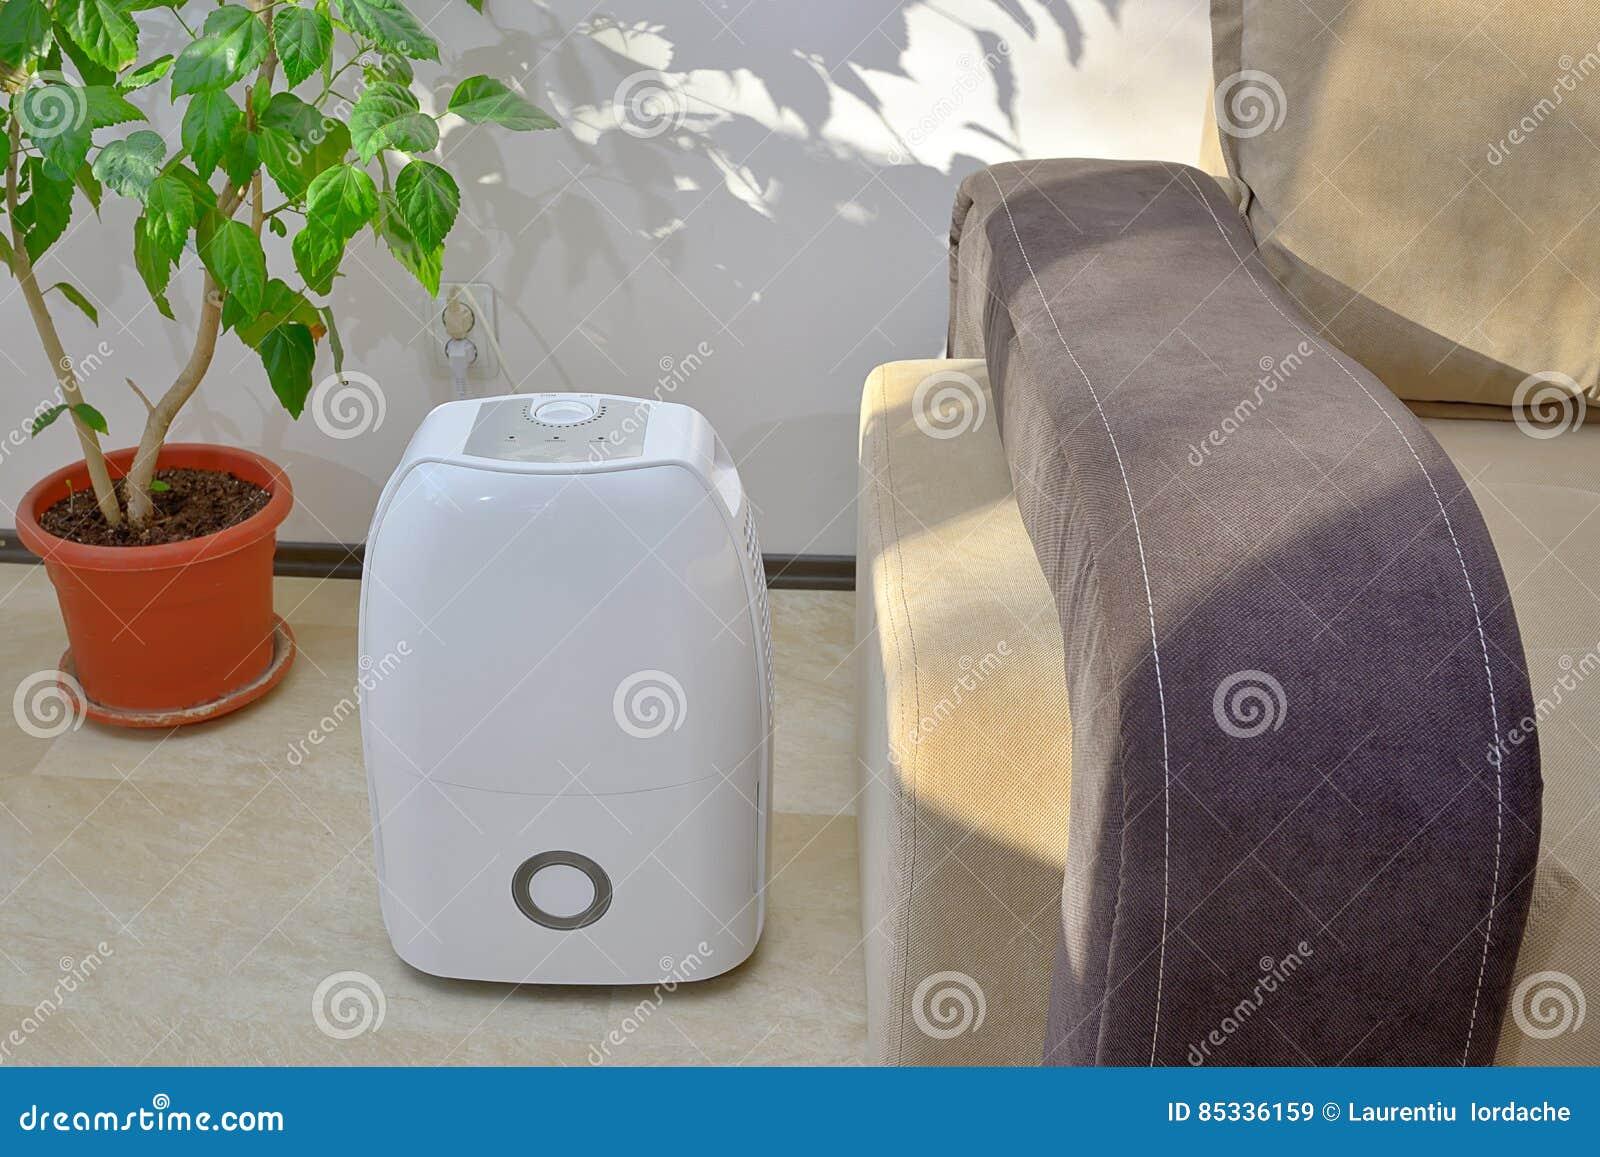 从空气的便携式的抽湿机colect水